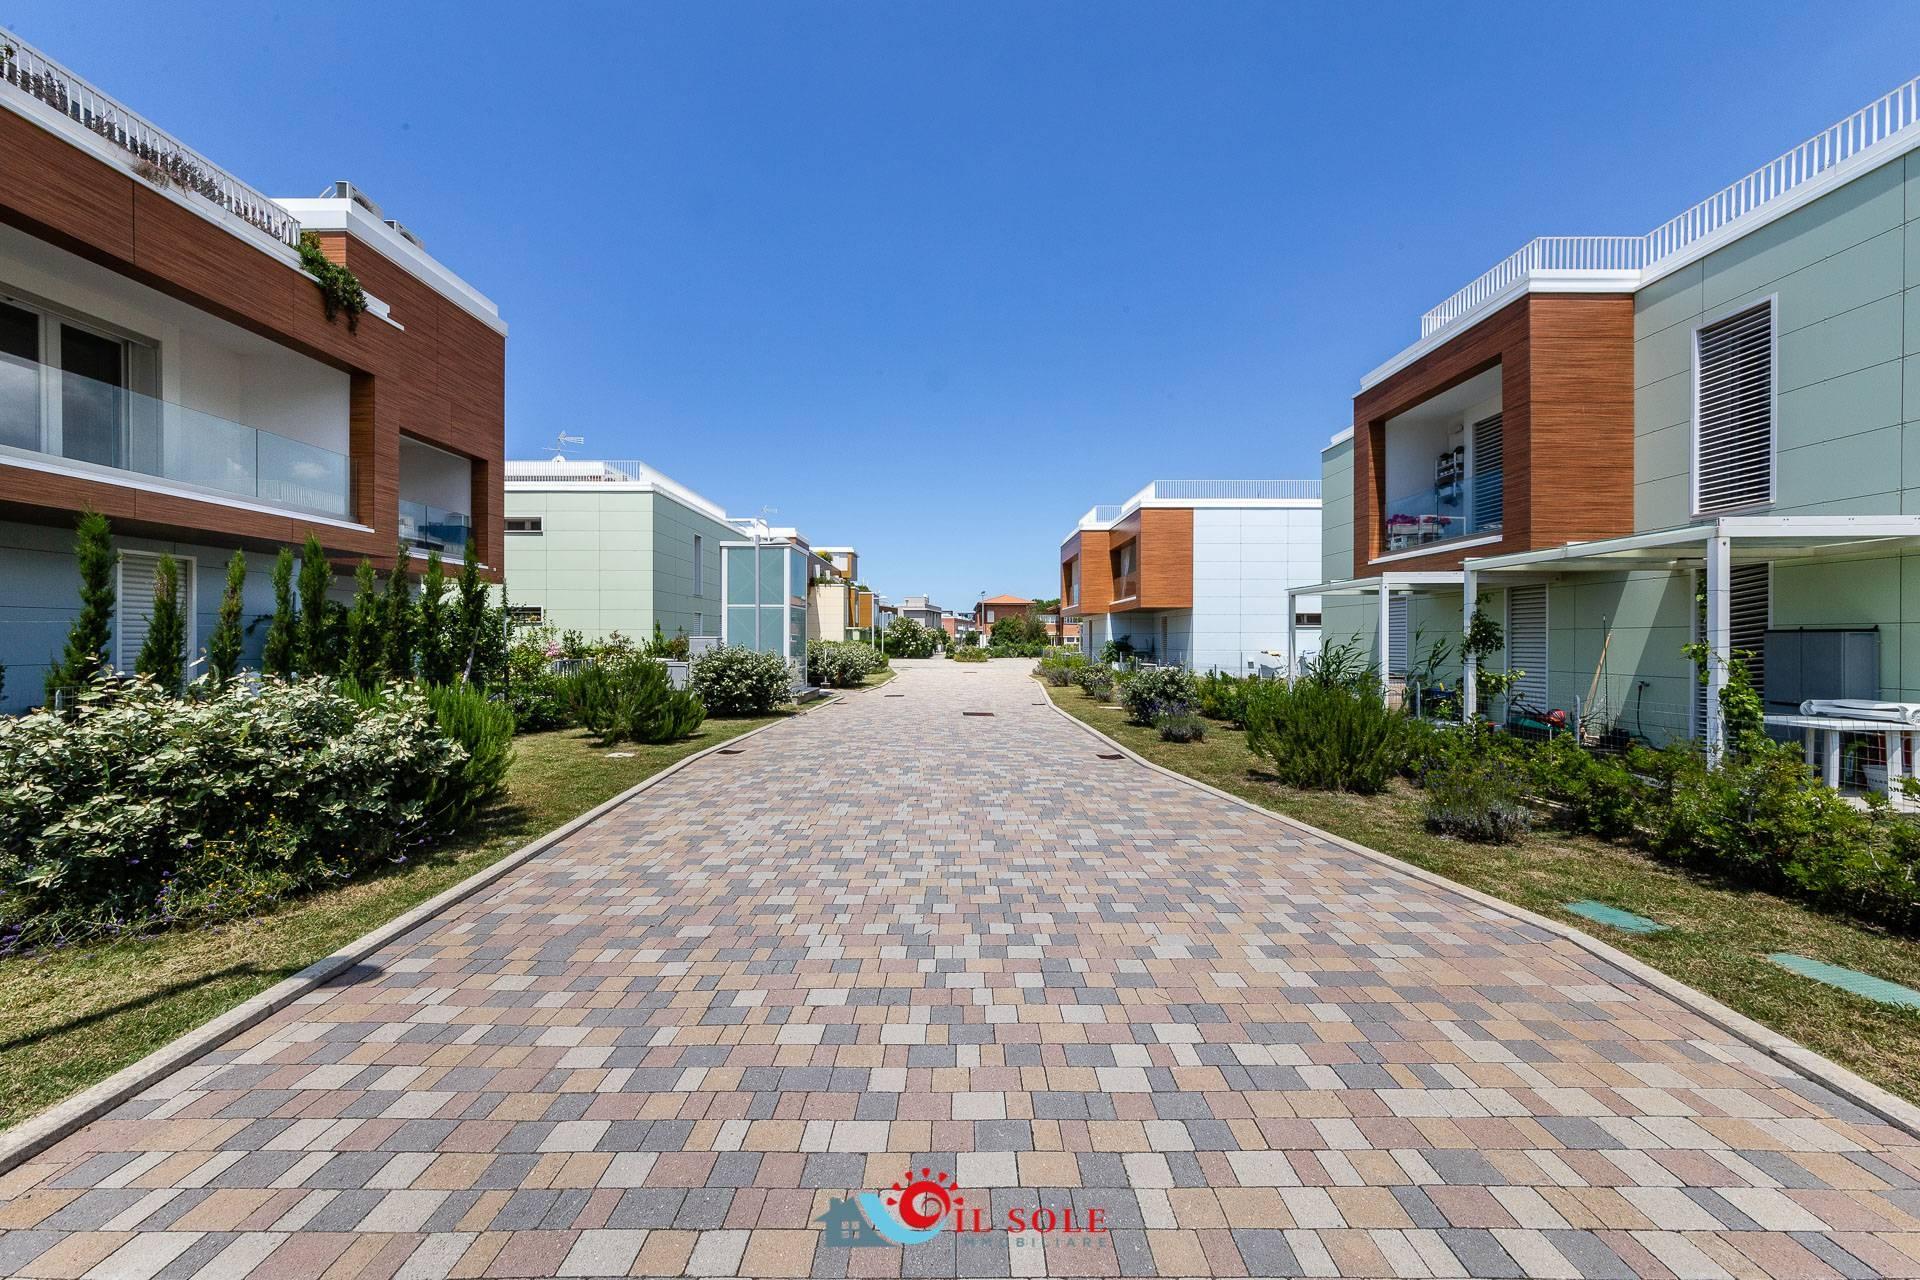 Appartamento in vendita a Pisa, 3 locali, zona Zona: Calambrone, prezzo € 260.000 | CambioCasa.it